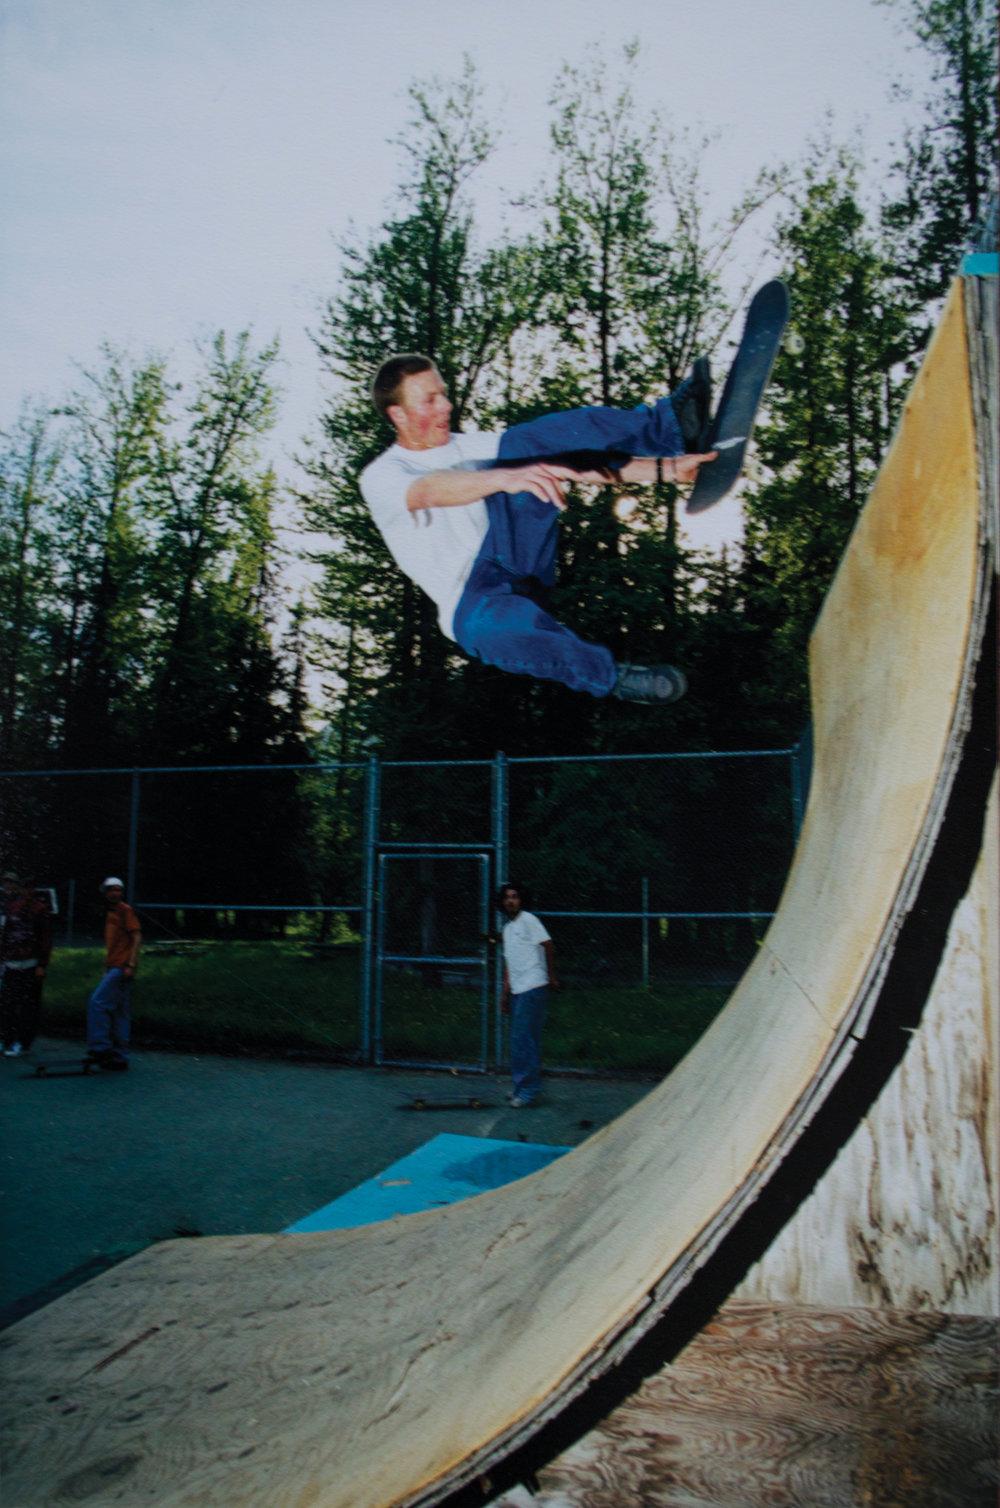 Borg Skate.jpg